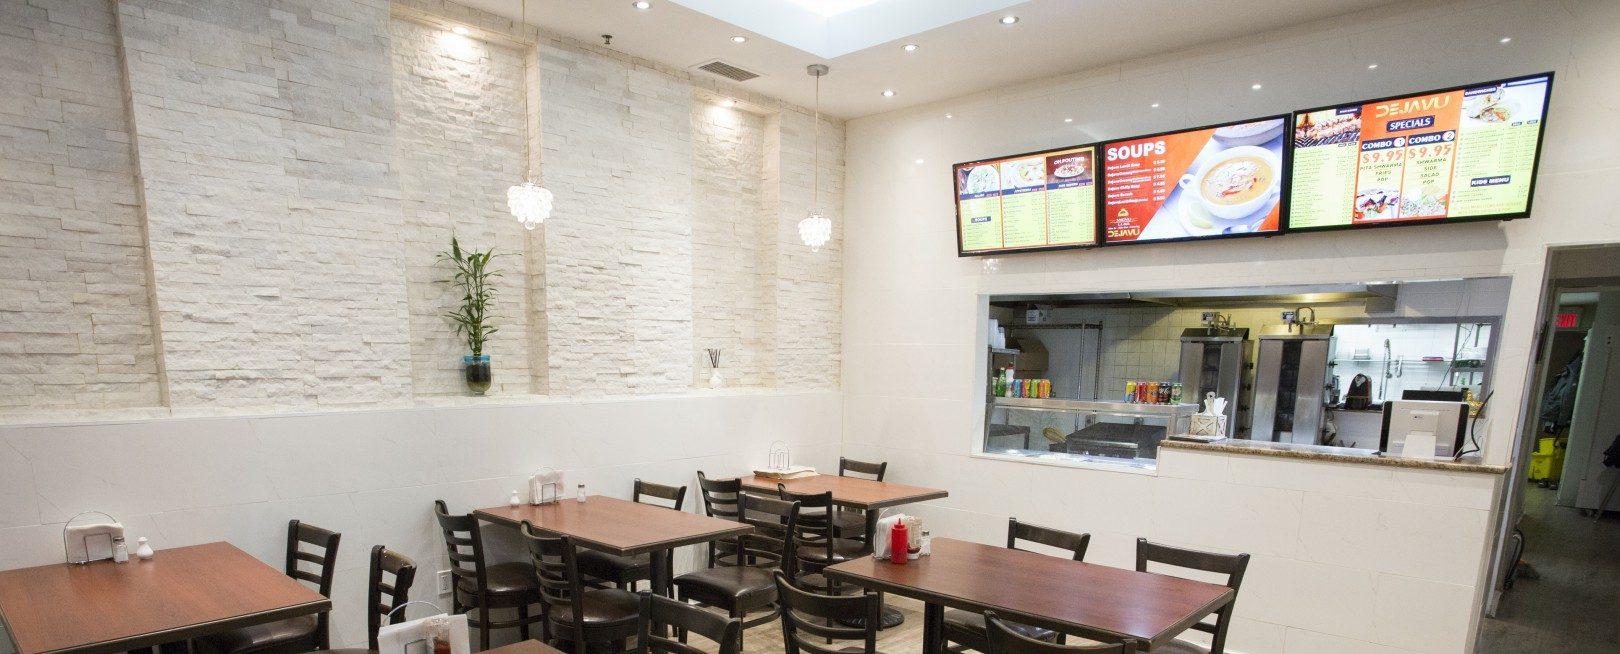 dejavu-shawarma-falafel menu